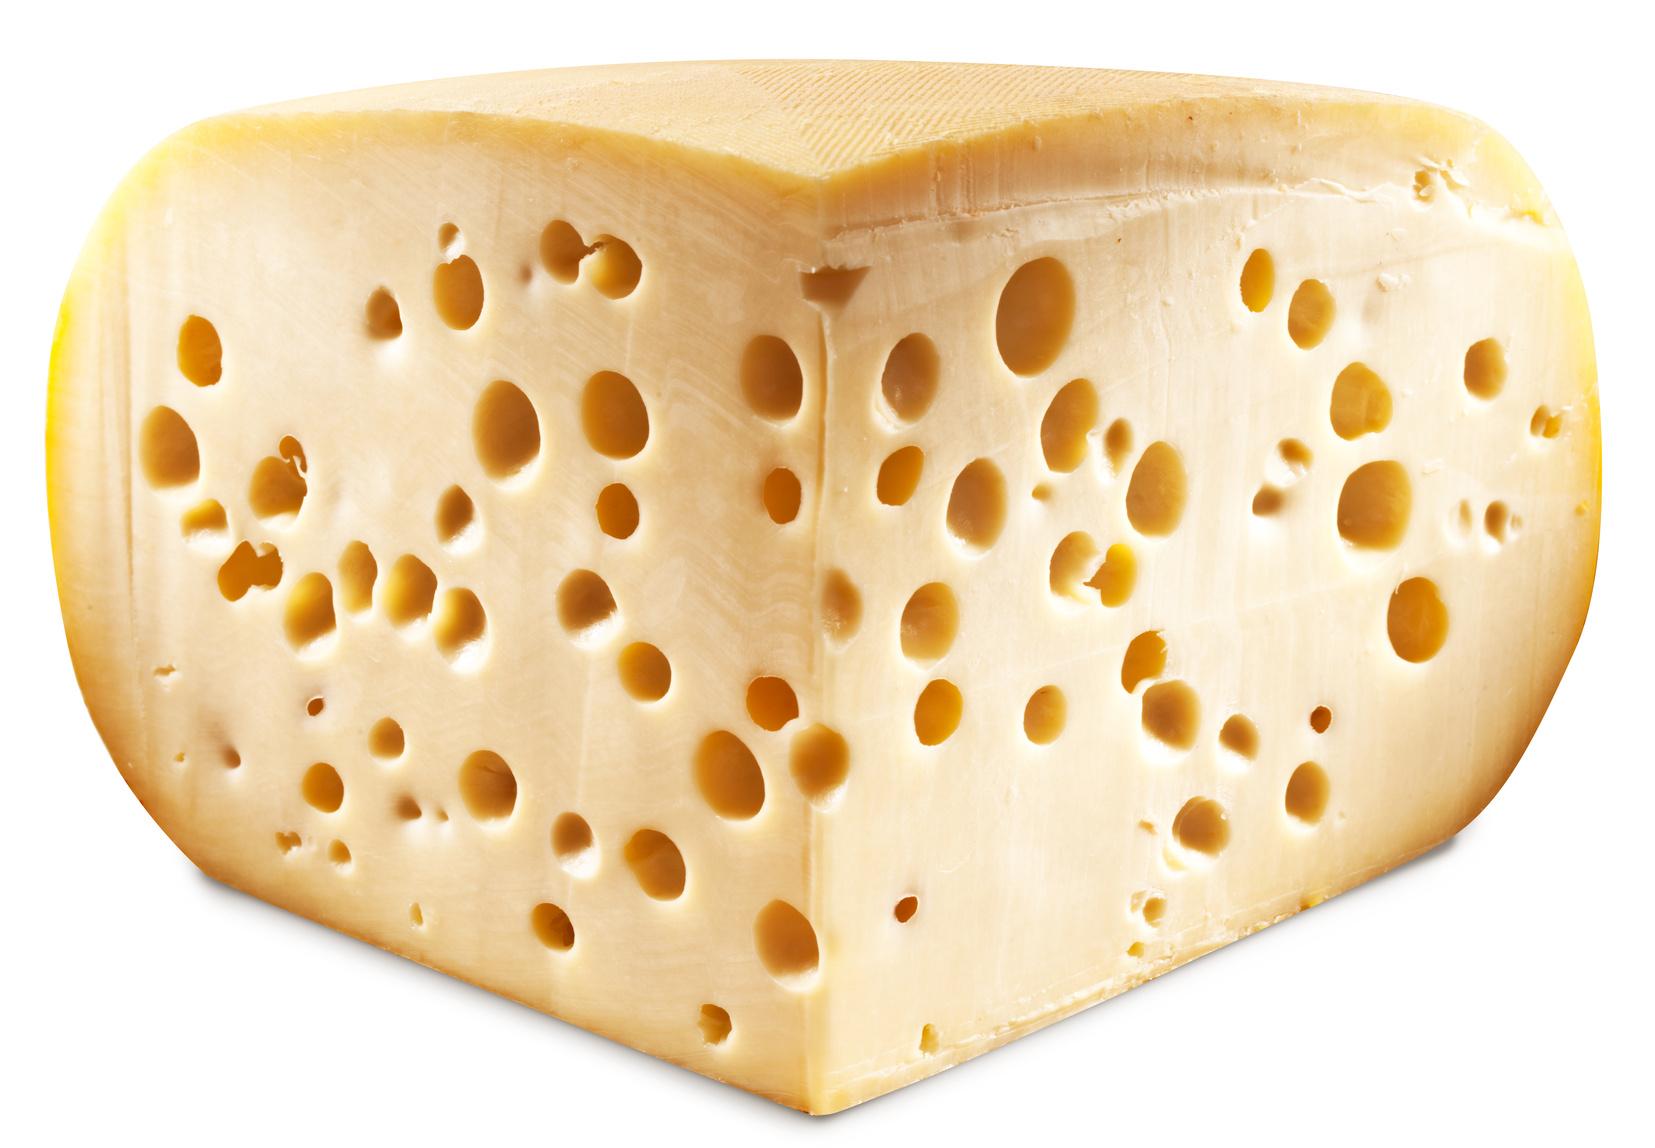 Teil 1: Wie Kommen Die Löcher In Den Käse